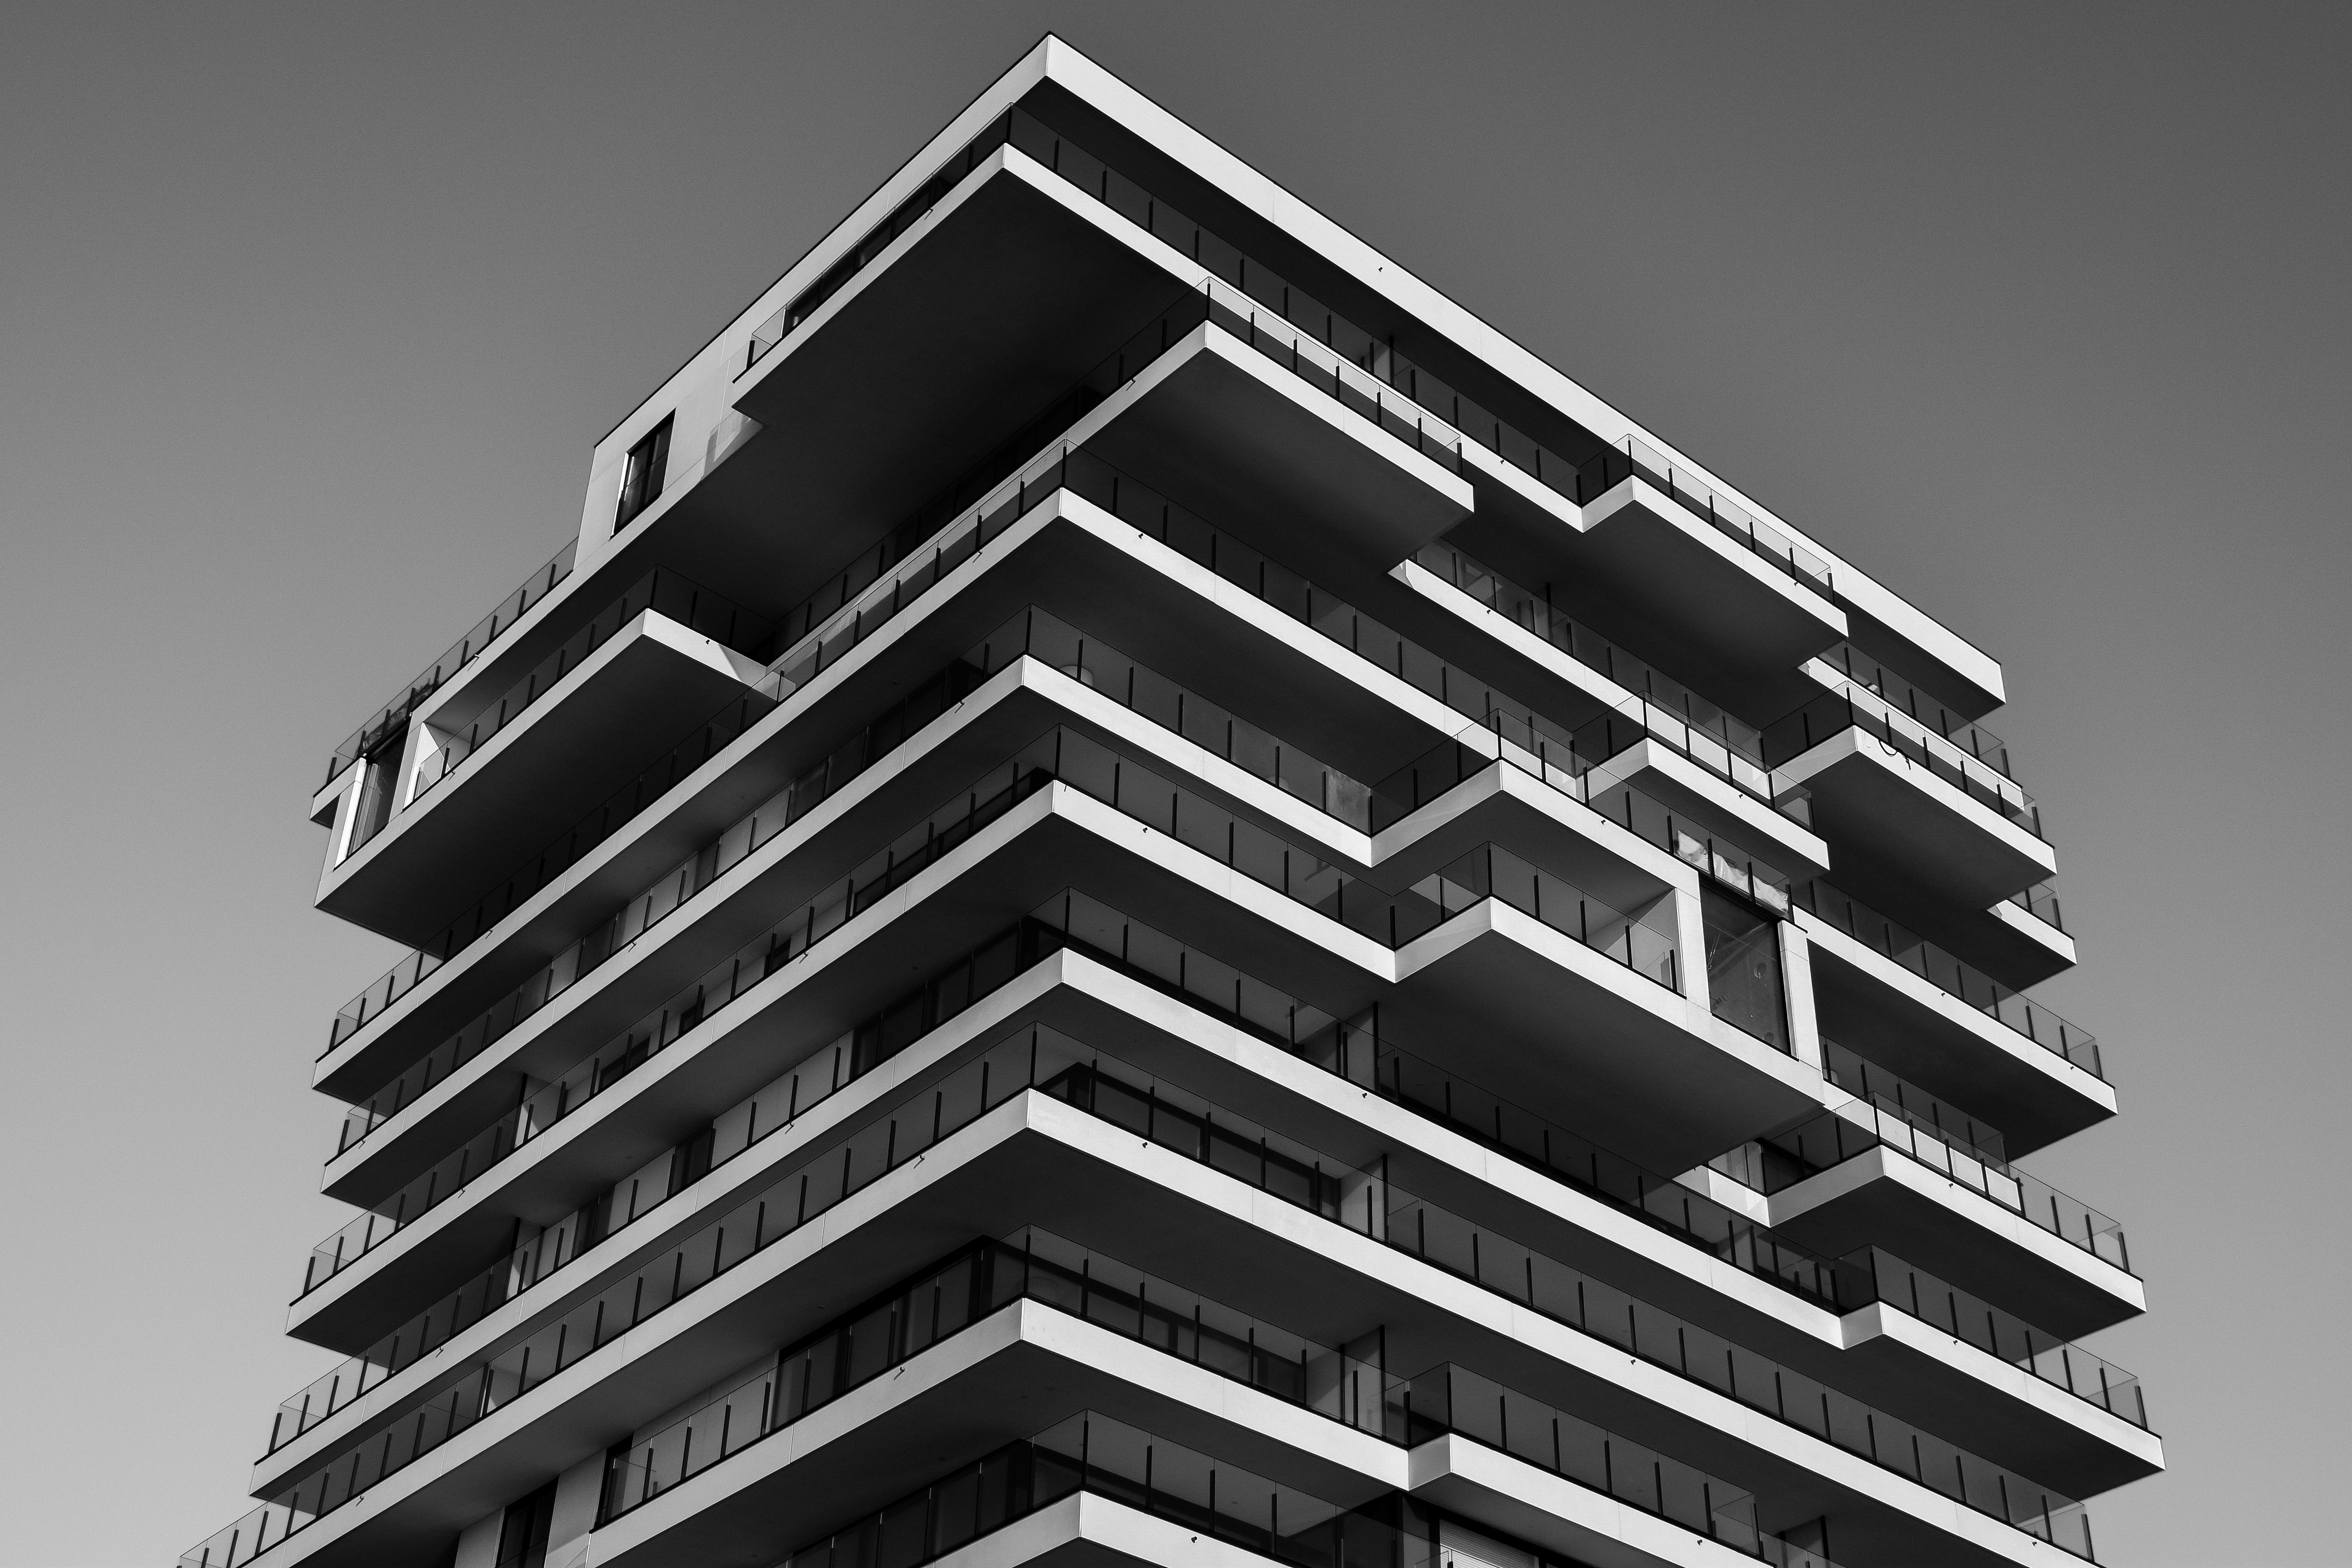 Images gratuites noir et blanc architecture maison verre